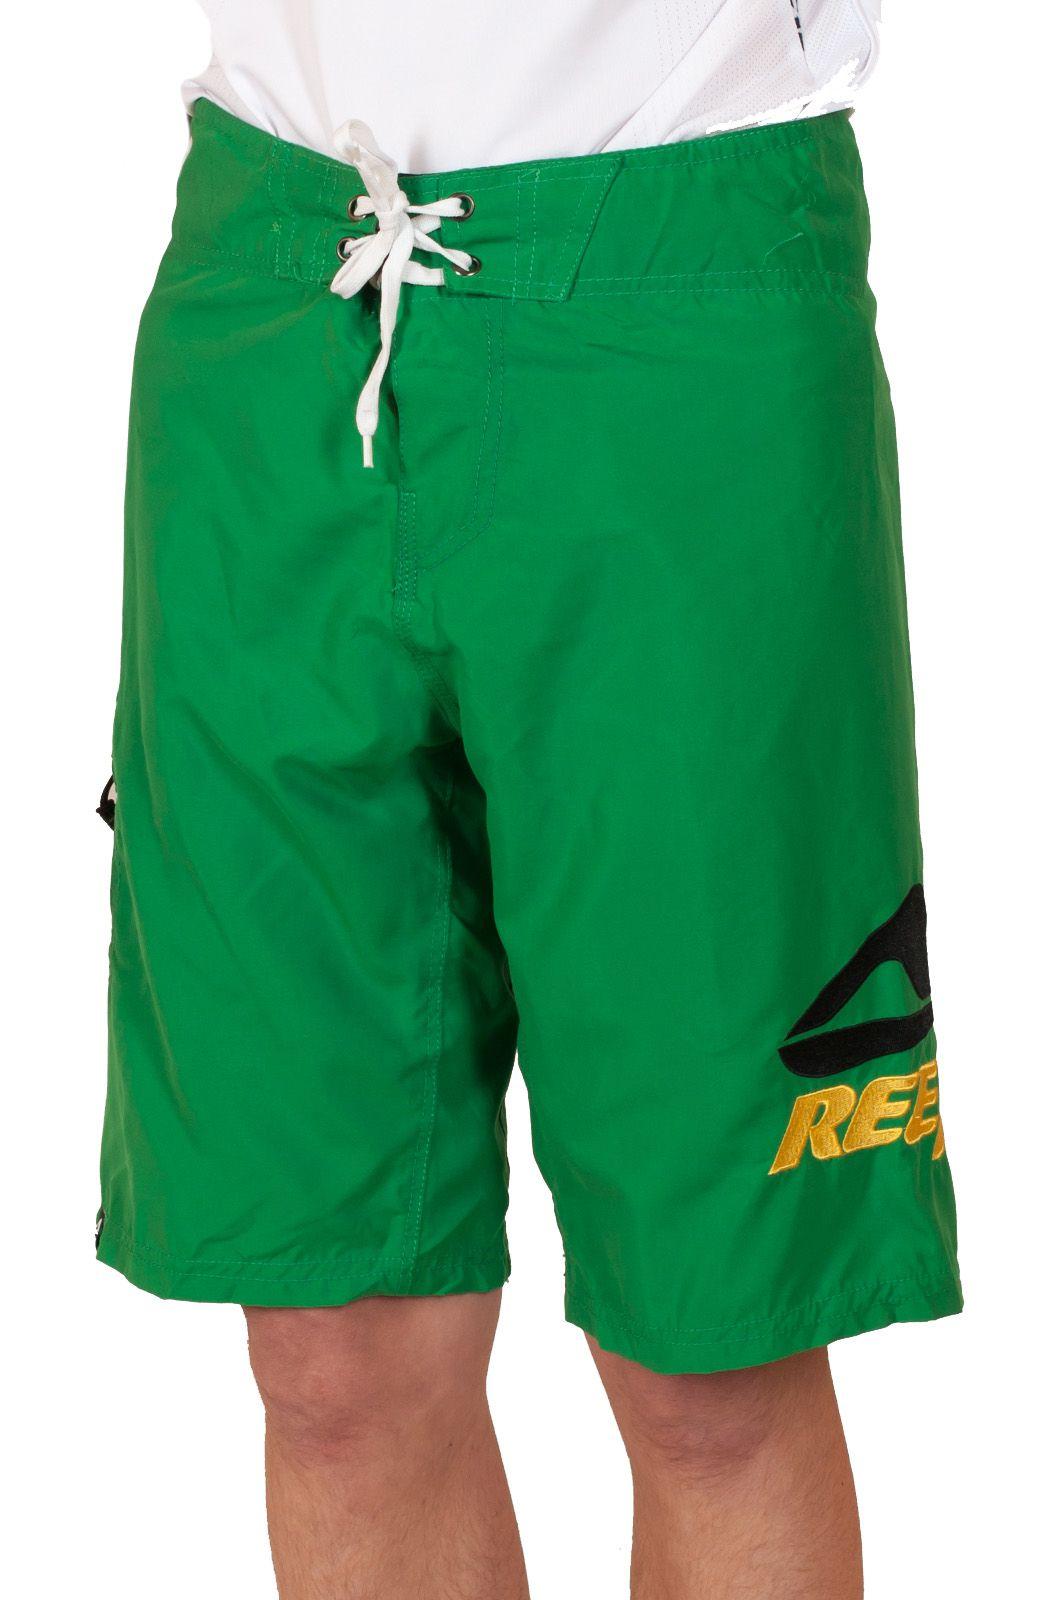 Модные подростковые шорты Reef - вид спереди